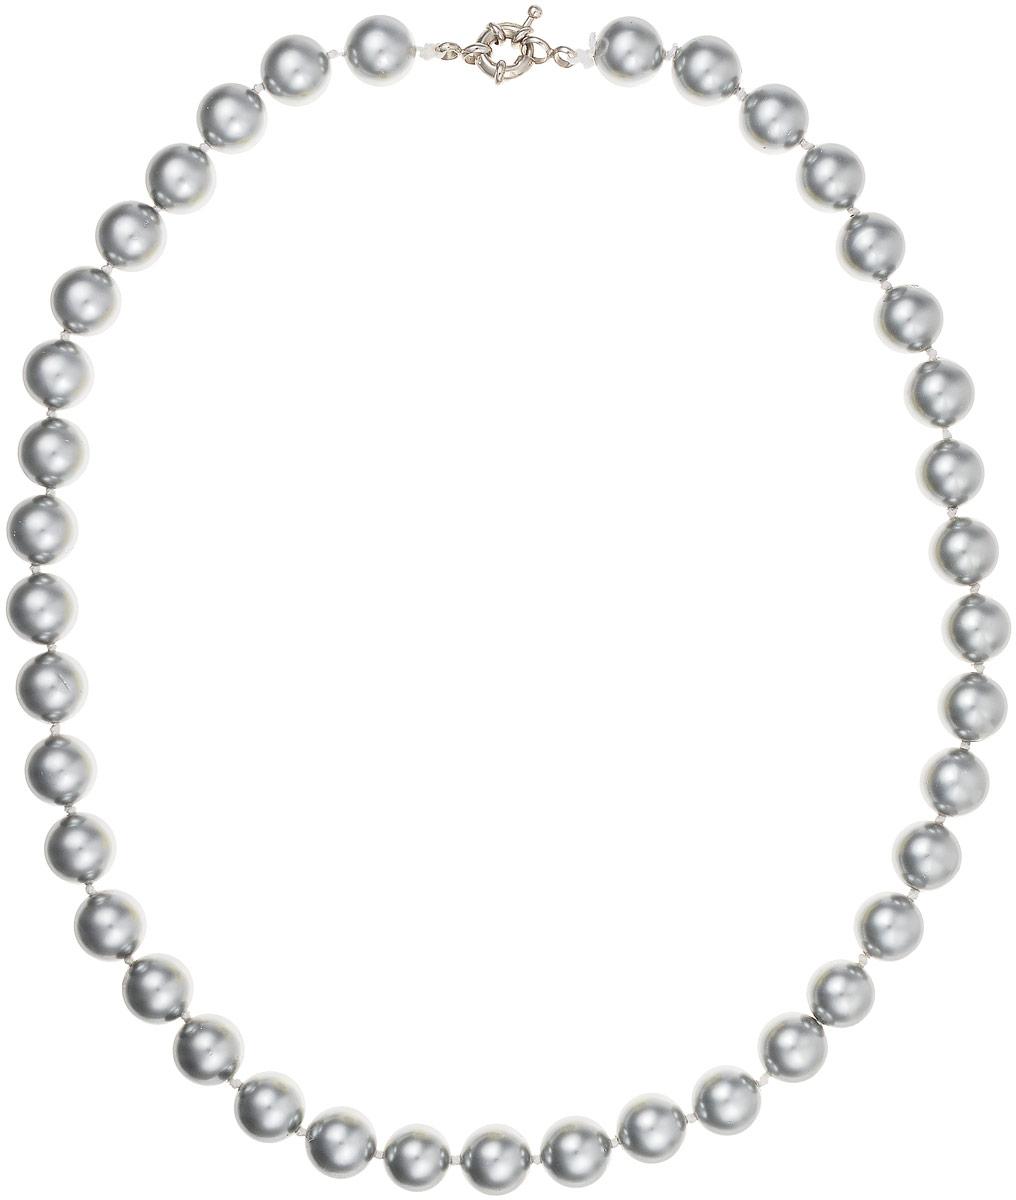 Бусы Art-Silver, цвет: серебристый, длина 50 см. МАЙ31045-432Бусы-ниткаБусы Art-Silver выполнены из имитации жемчуга, нанизанного на текстильную нить. Украшение дополнено крупным удобным шпренгельным замочком из бижутерного сплава.Бусины диаметром 8 мм выполнены в оригинальном серебристом цвете. Материал бусин по свойствам и виду максимально близок к натуральному жемчугу.